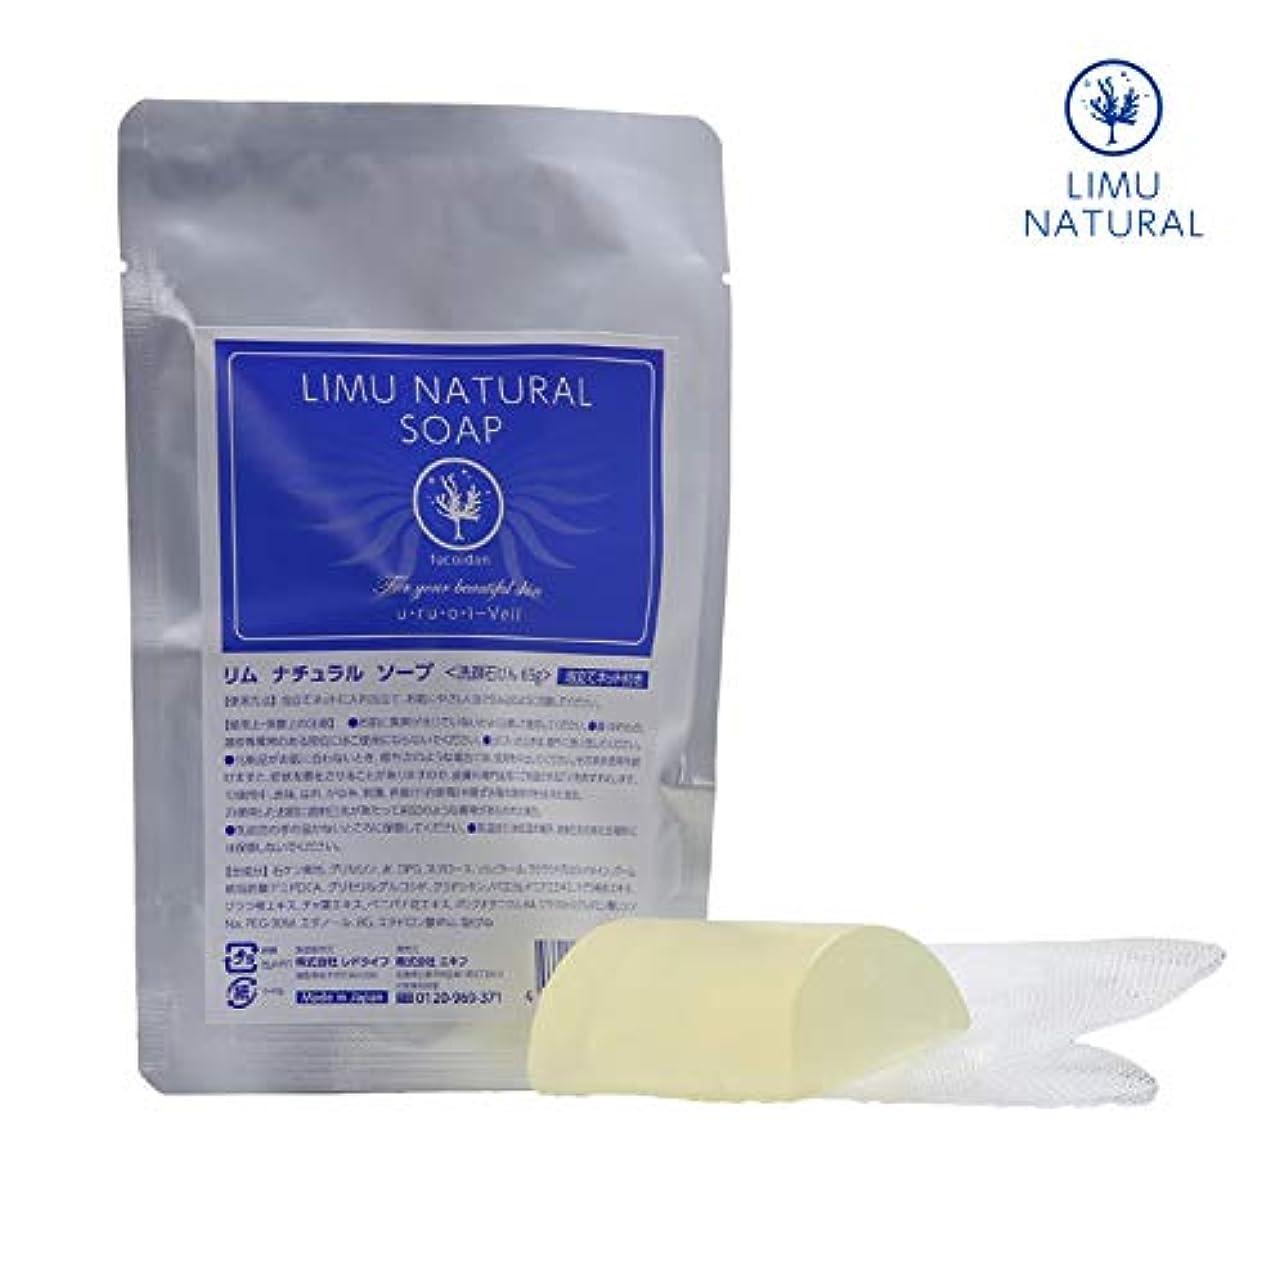 整理する腕終わらせるリムナチュラルソープ LIMU NATURAL SOAP ヌルあわ洗顔石けん 泡だてネット付き「美白&保湿」「フコイダン」+「グリセリルグルコシド」天然植物成分を贅沢に配合 W効果 日本製